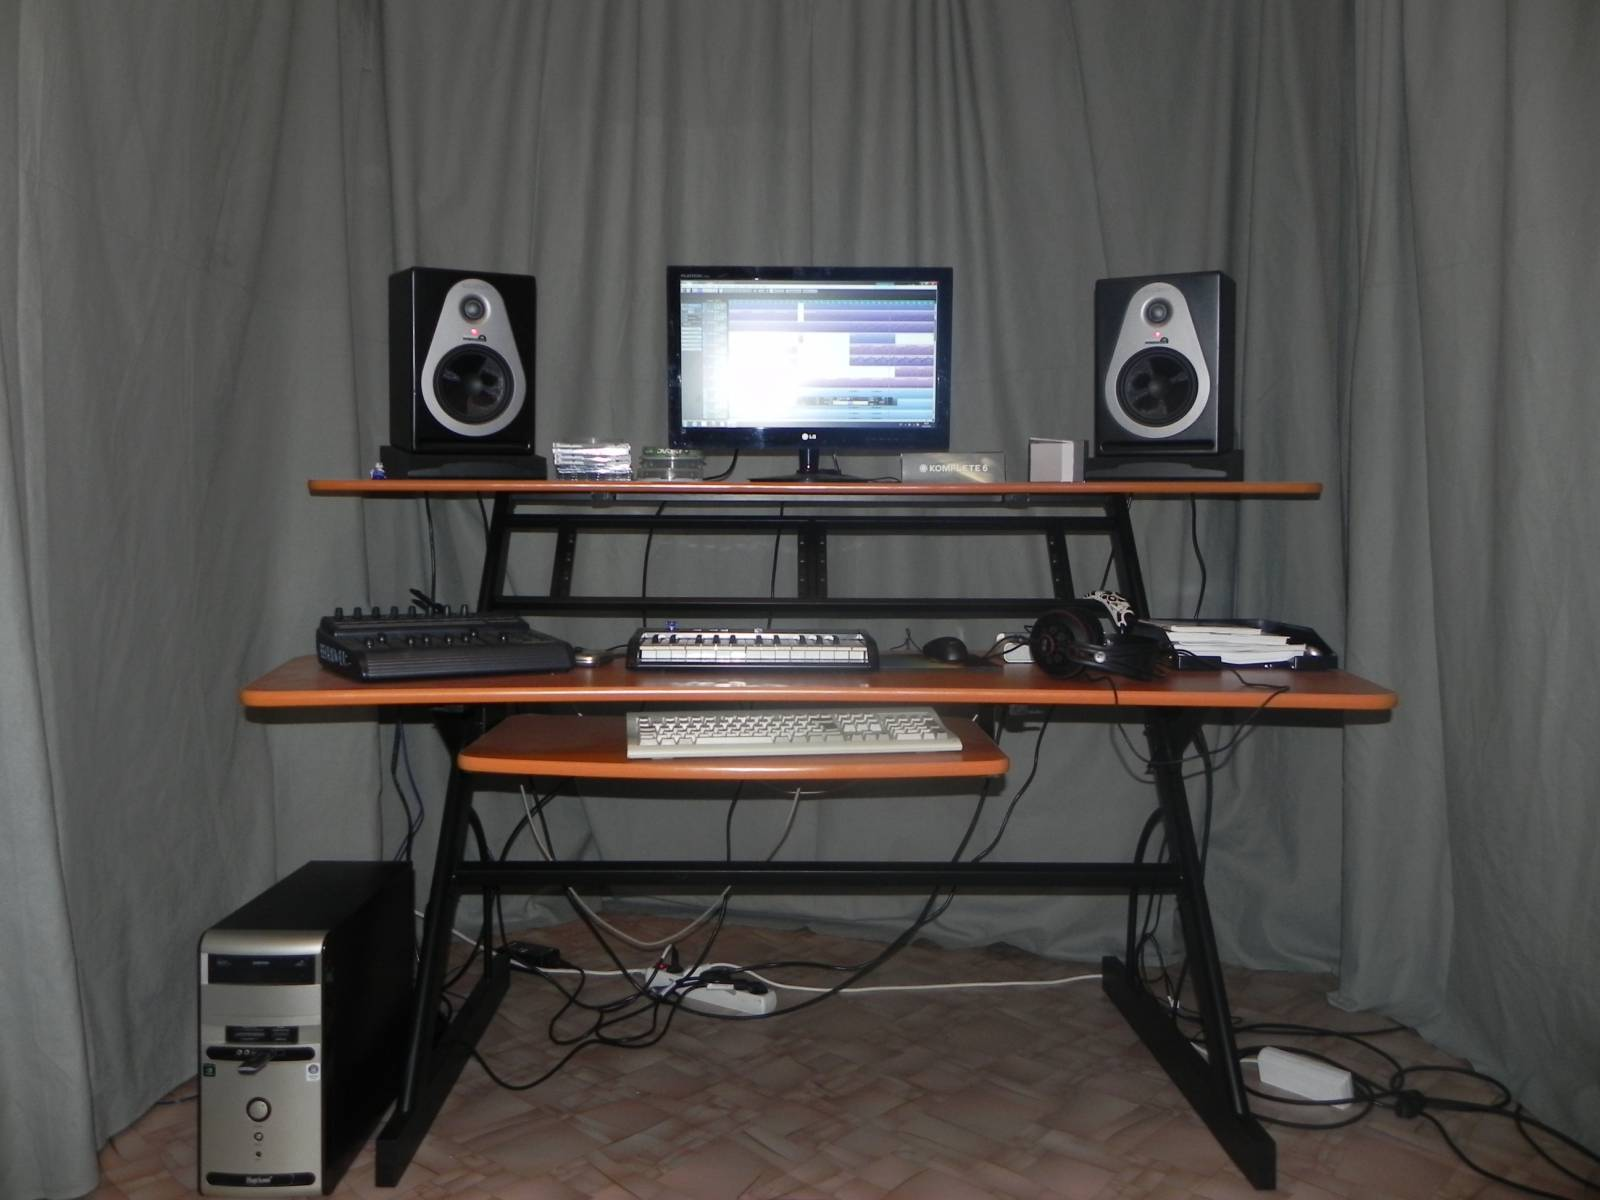 комплекте кроваткой столы для компьютера и аудио аппаратуры фото качество говорит само